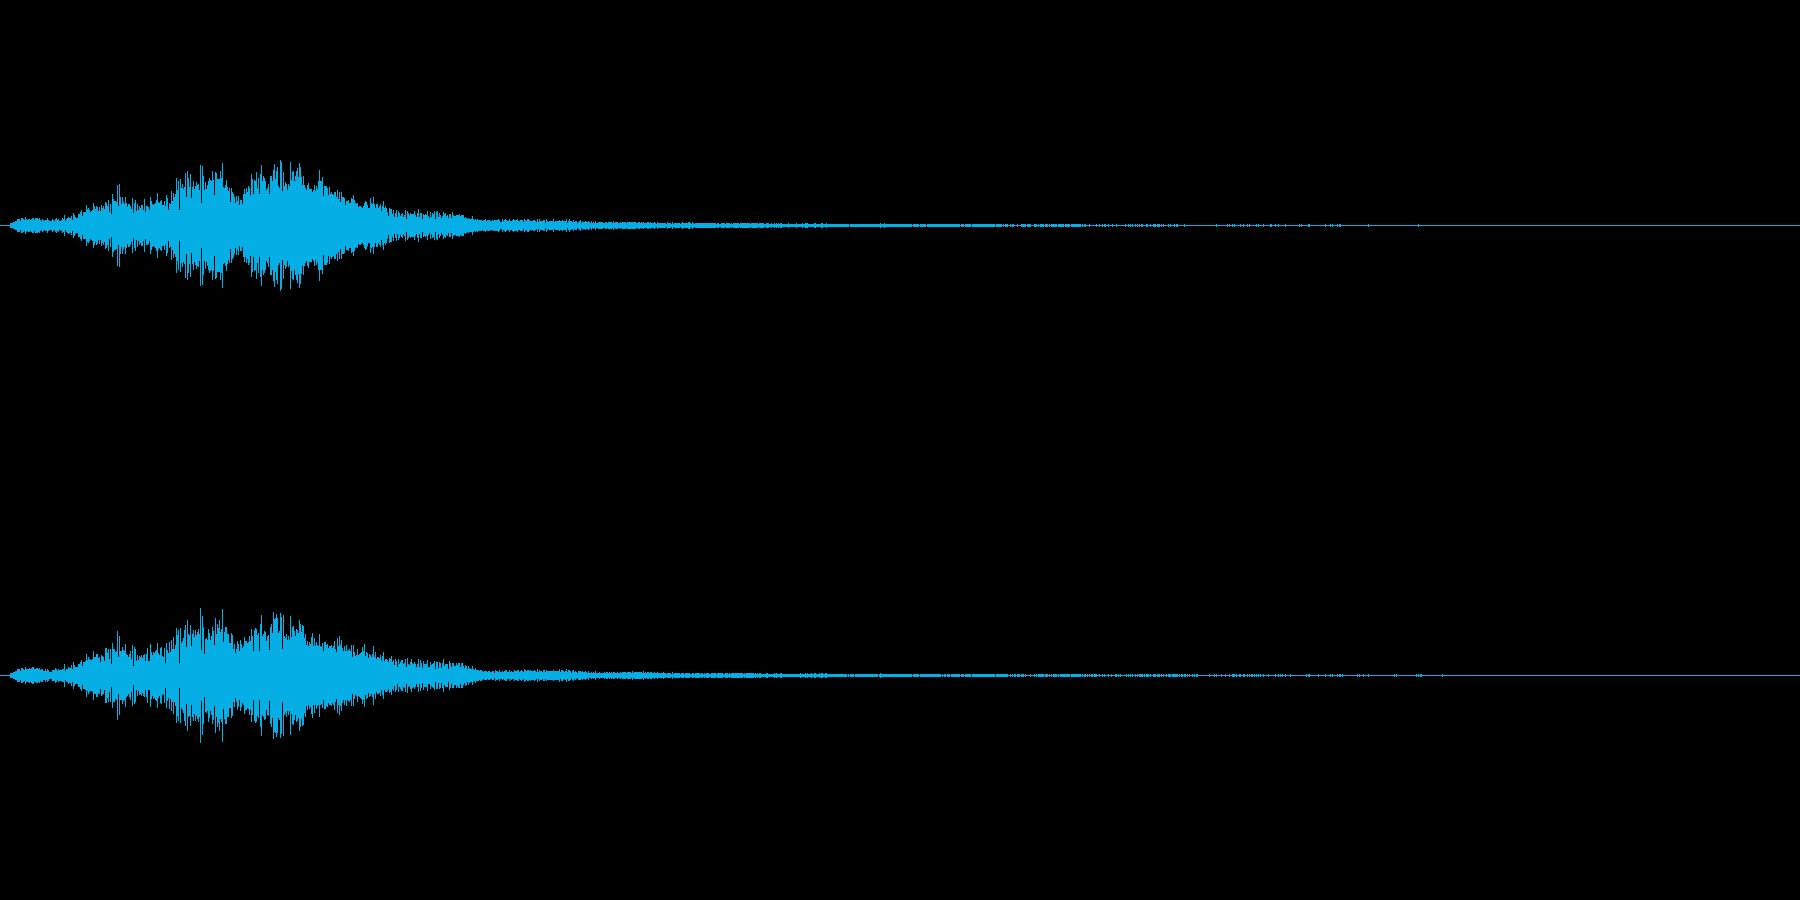 ハープグリッサンド上行3回~Aの再生済みの波形